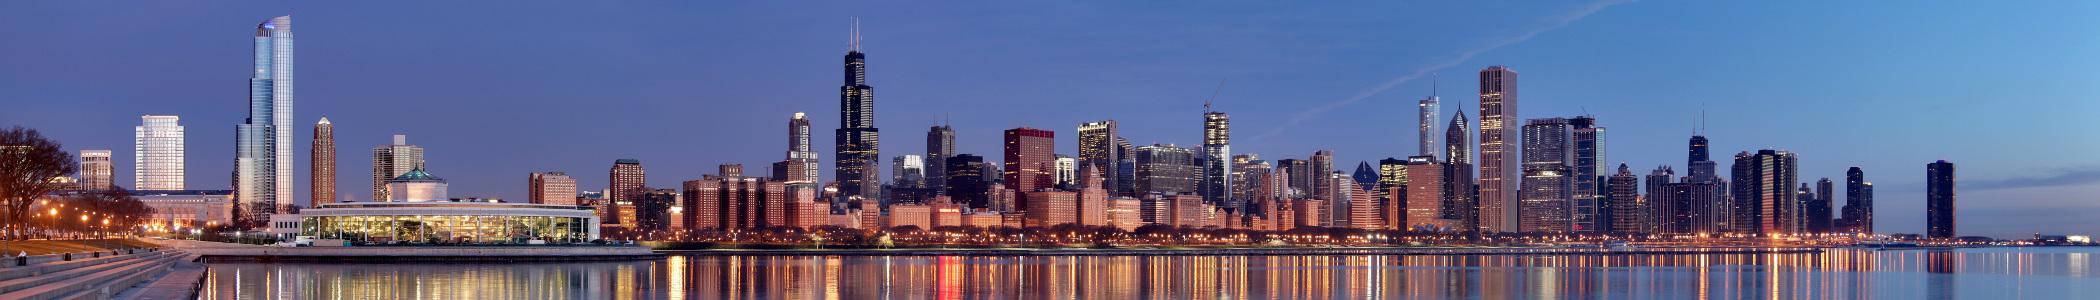 Chicago-banner6